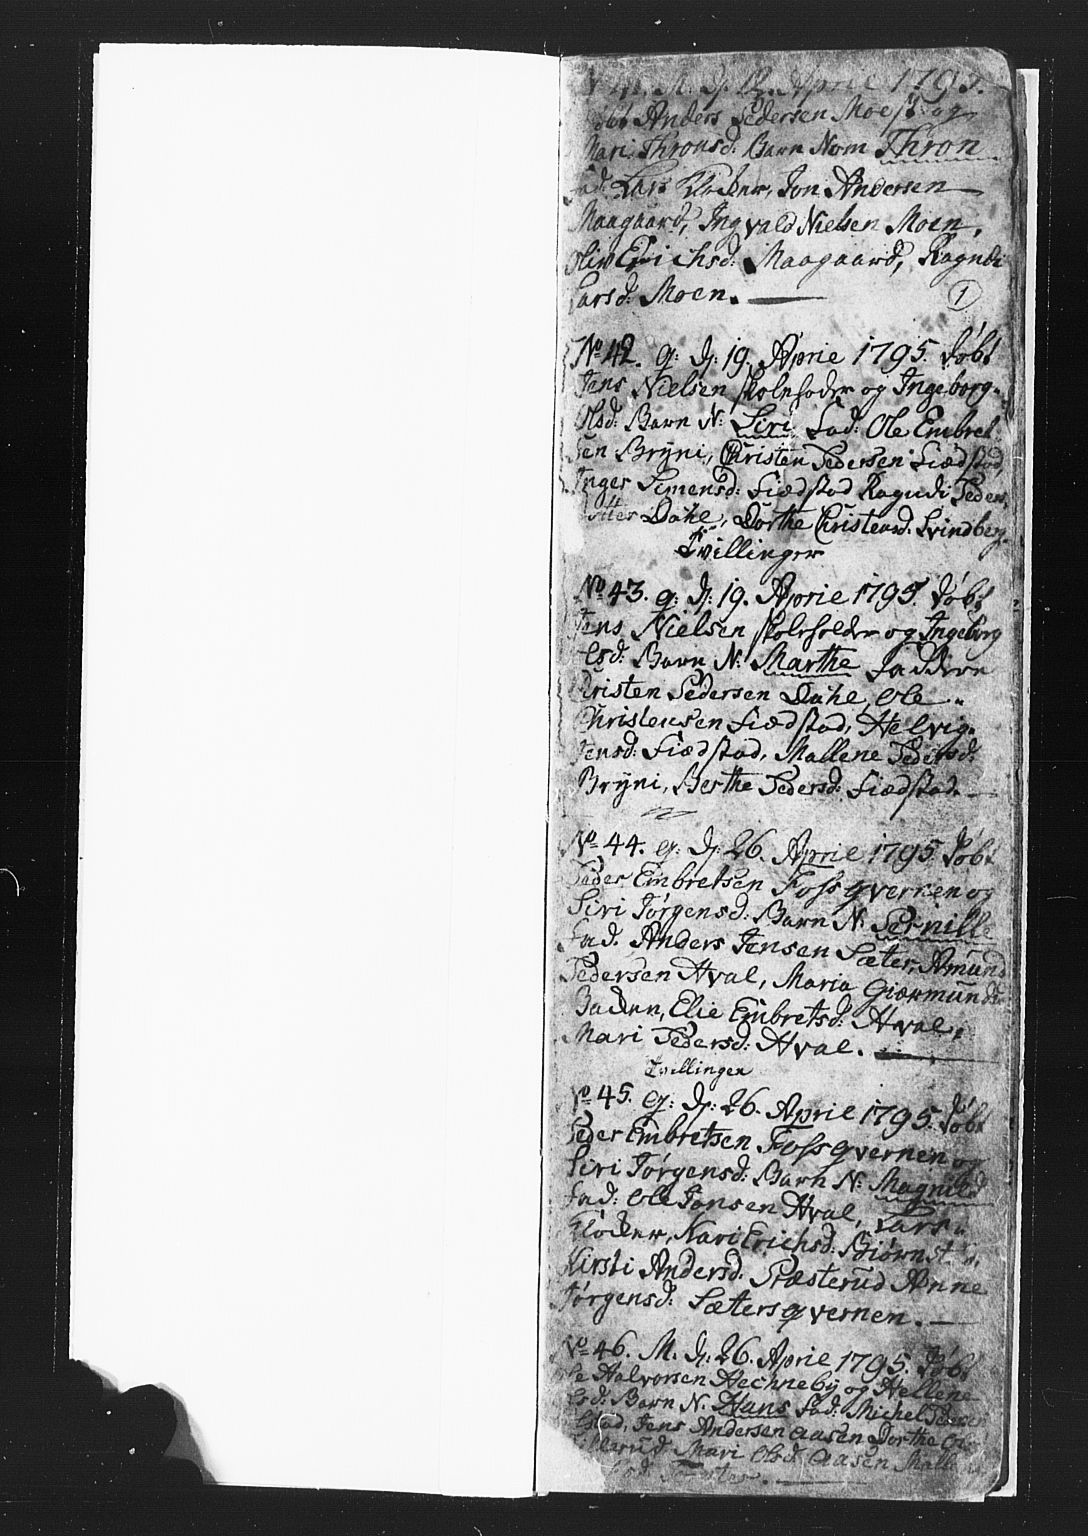 SAH, Romedal prestekontor, L/L0002: Klokkerbok nr. 2, 1795-1800, s. 0-1